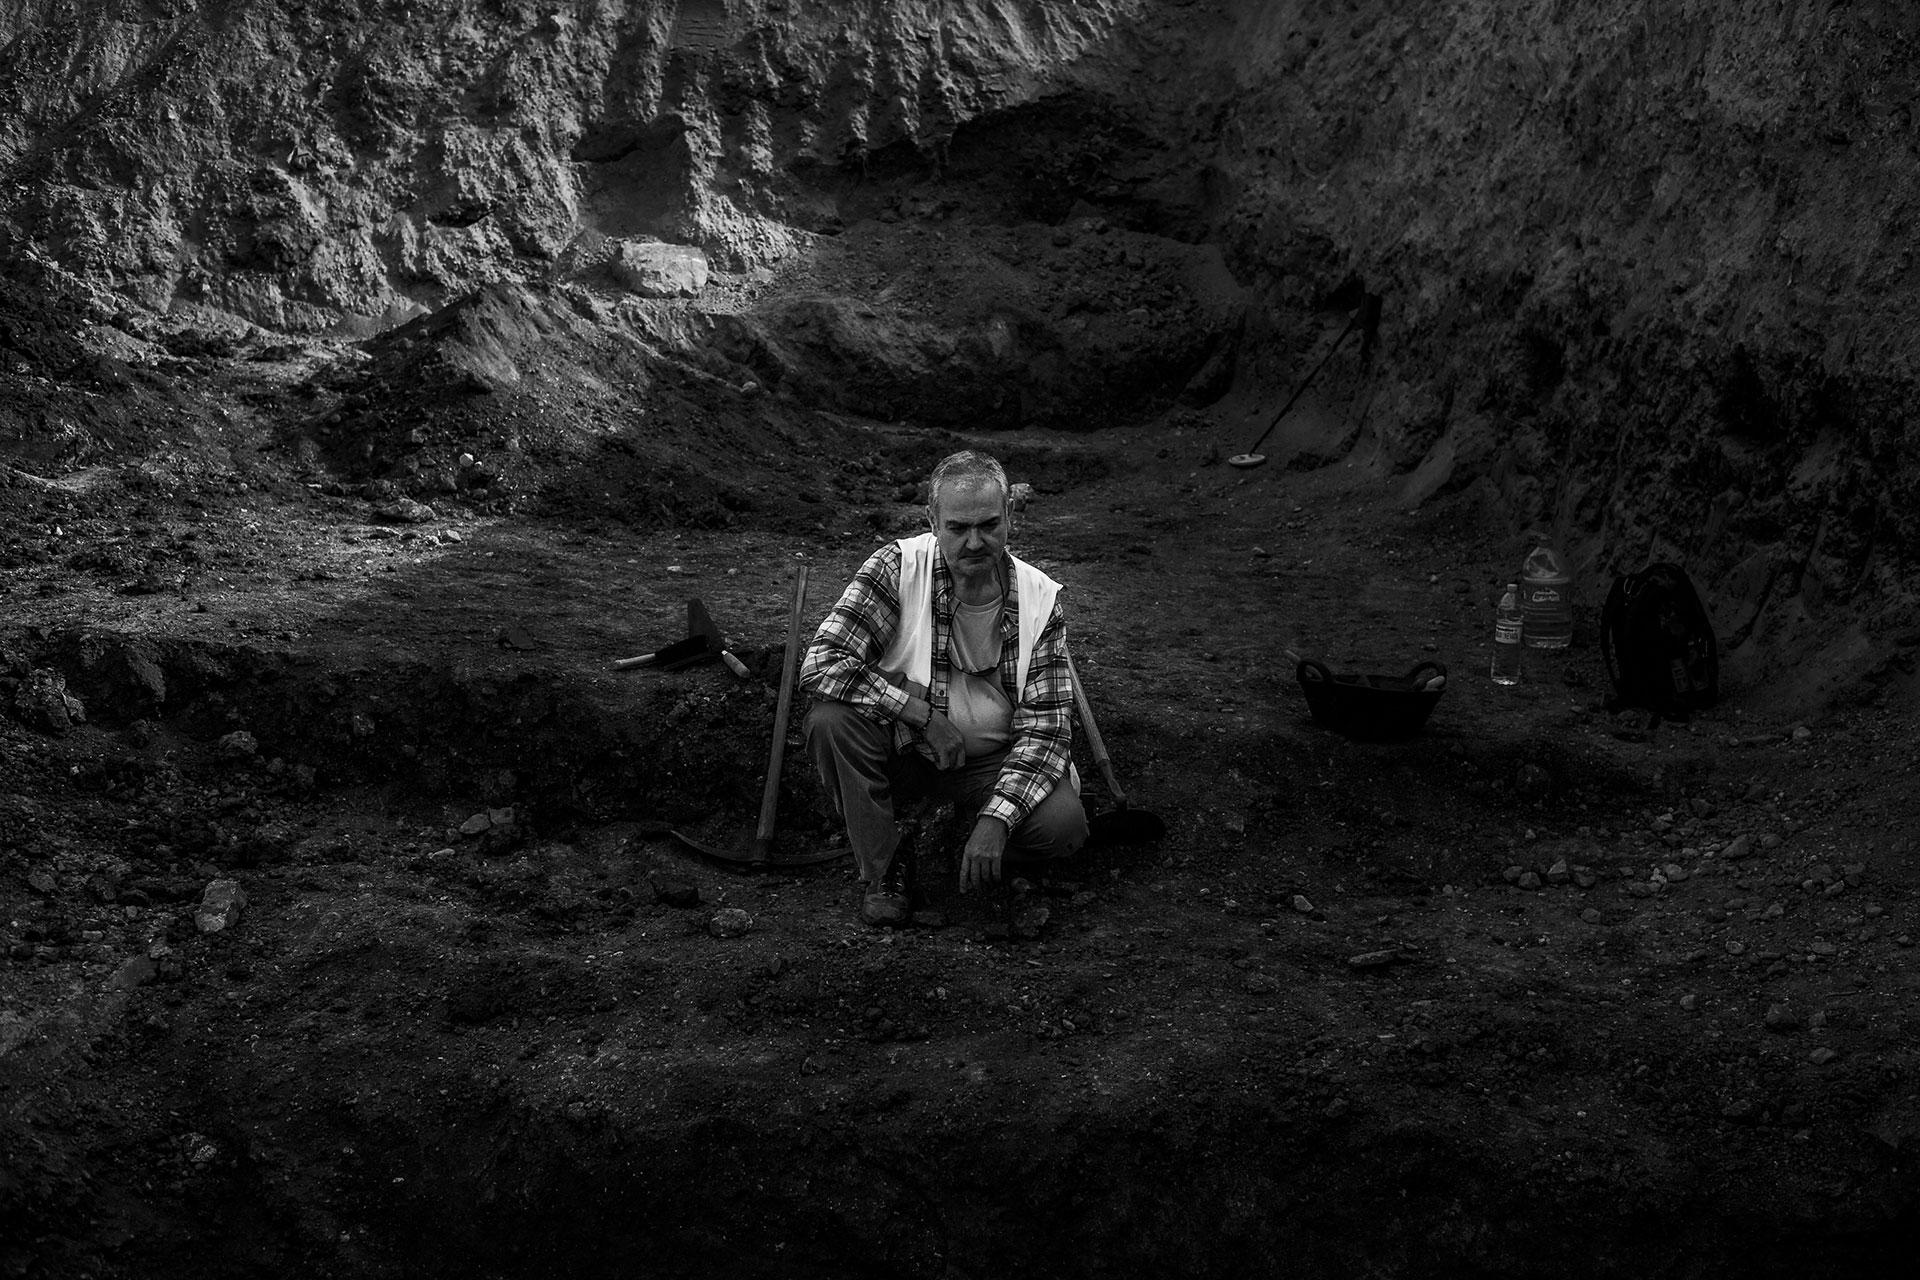 El arqueólogo Miguel Zapater a las afueras de Granada, durante la última búsqueda del poeta Federico García Lorca, Dióscoro Galindo, Francisco Galadí y Joaquín Arcollas, en 2016.